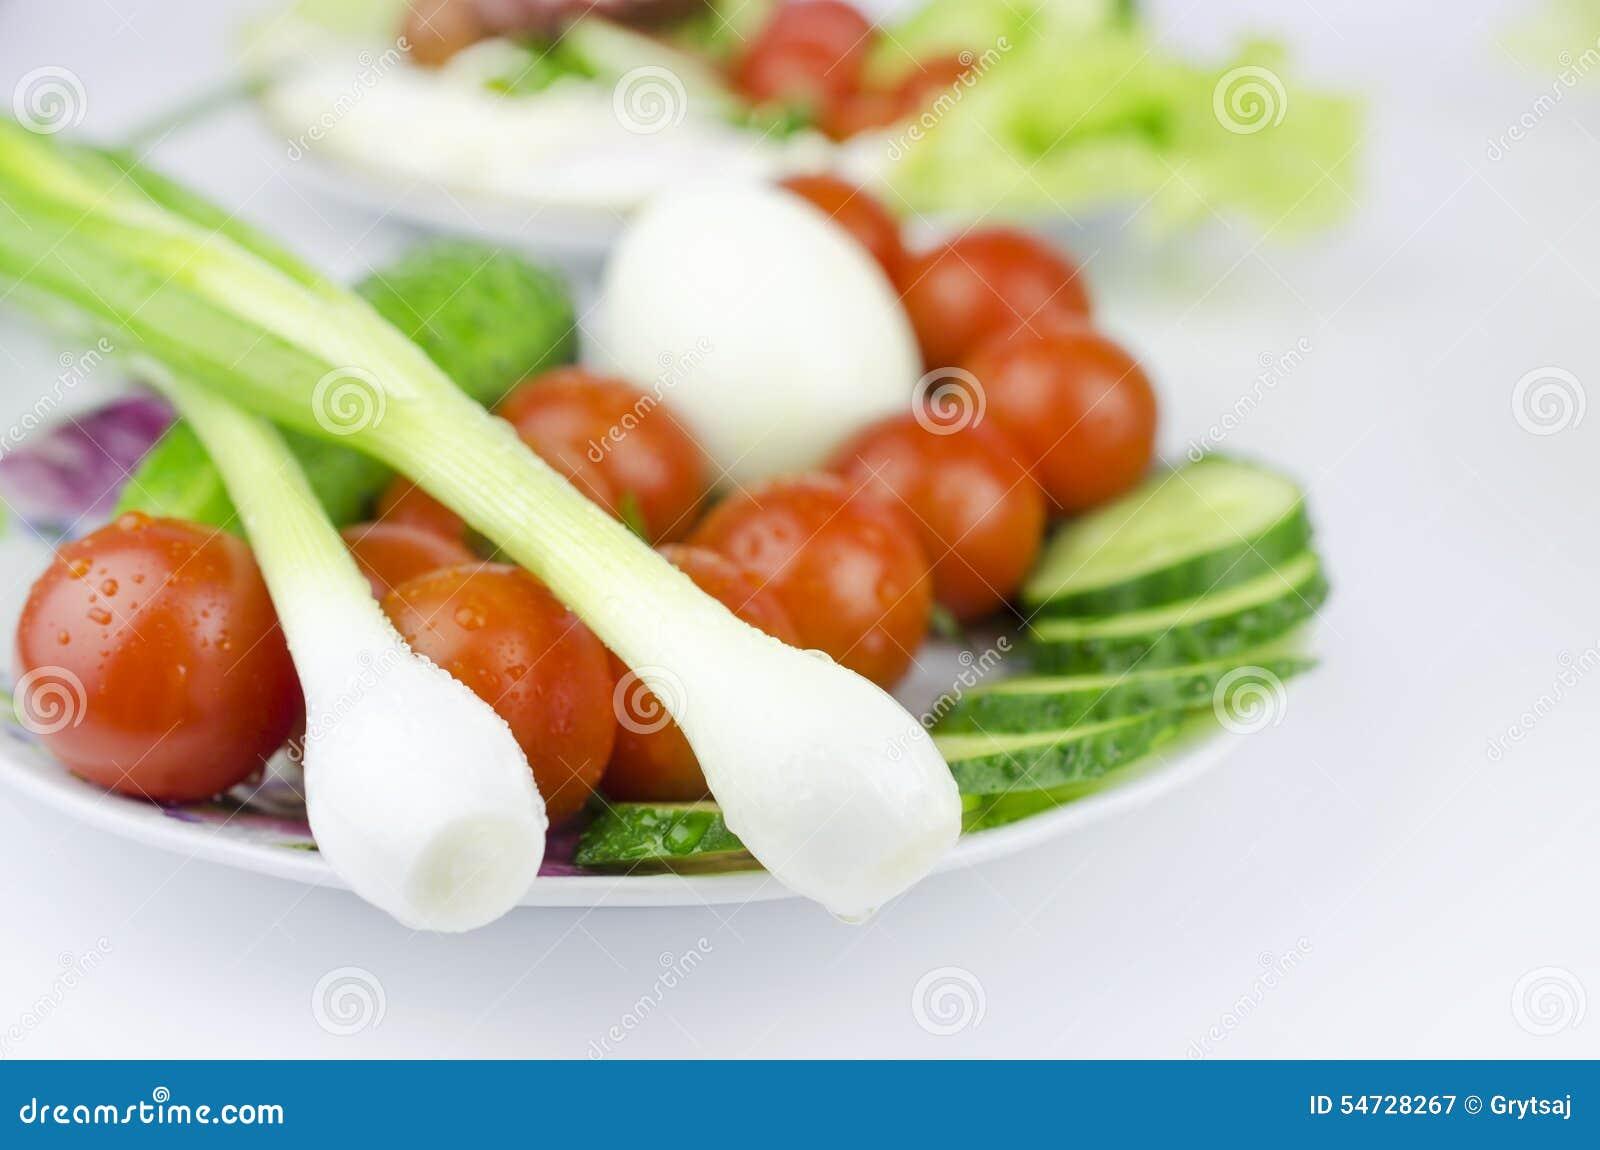 Todavía vida de verduras en placa